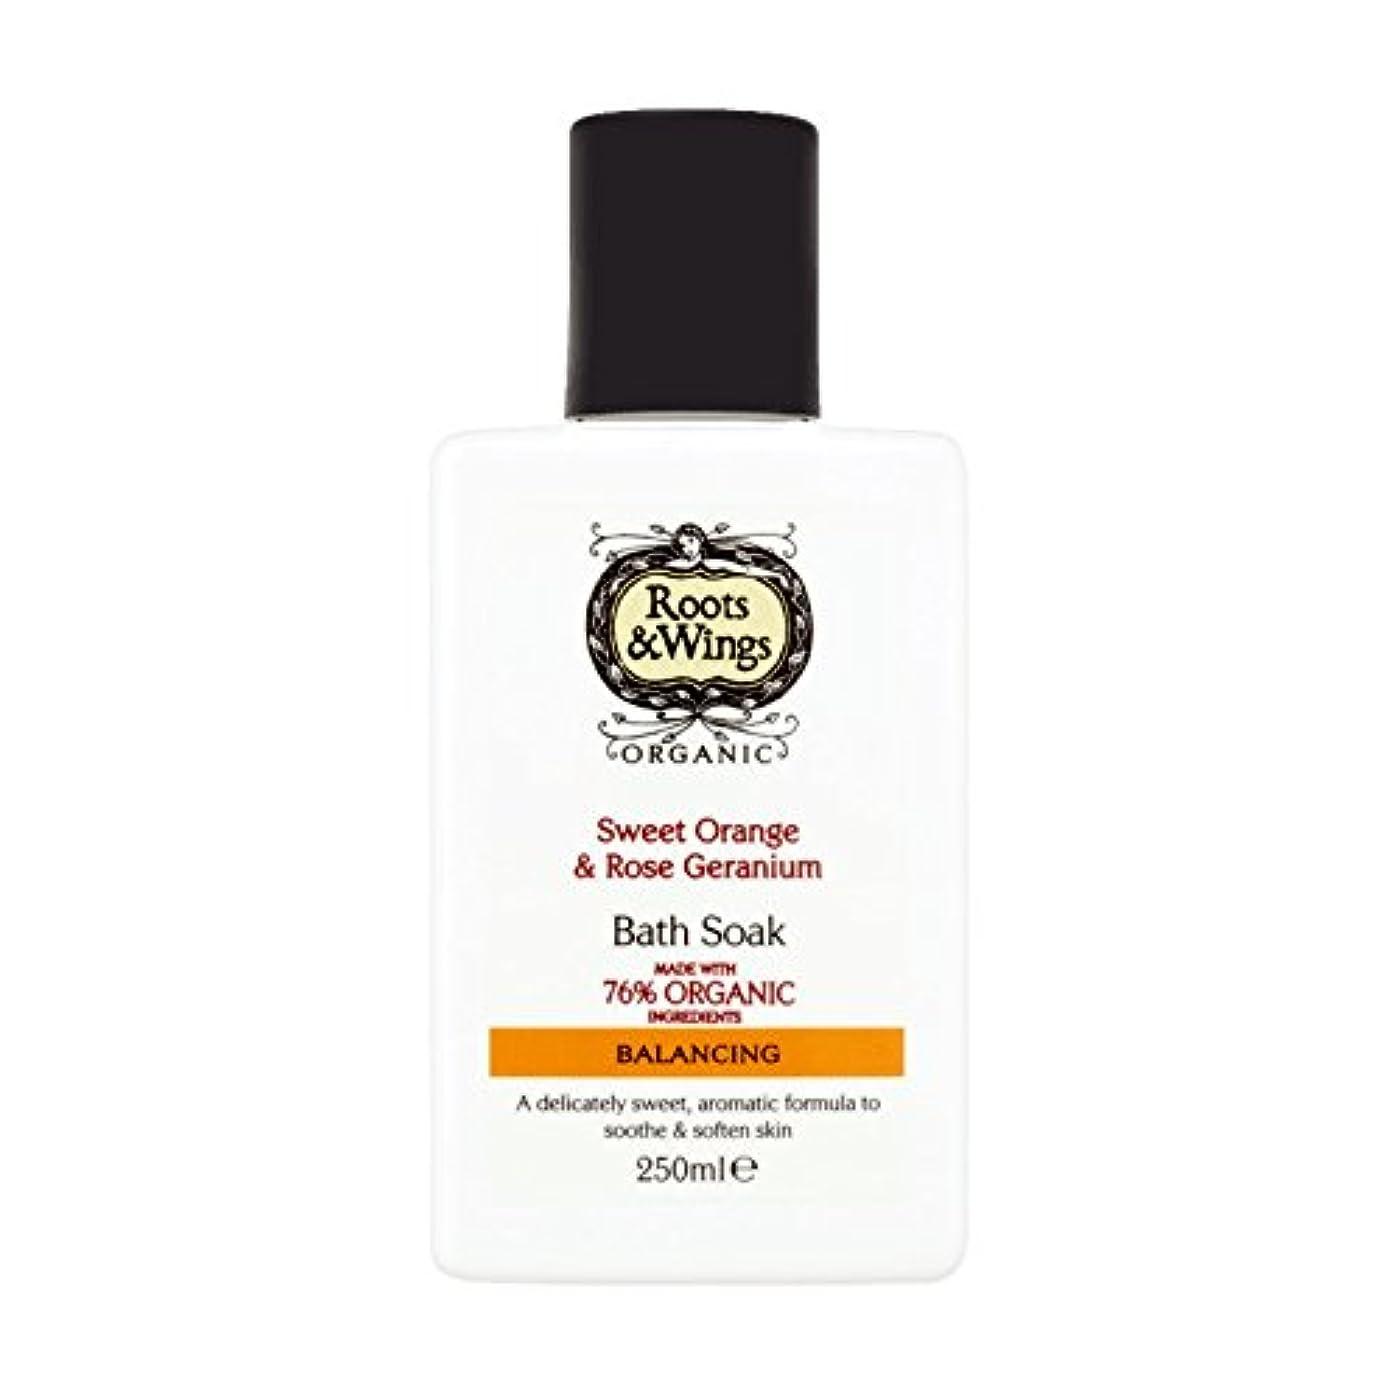 流星つまずく休戦Roots & Wings Bath Soak Sweet Orange & Rose Geranium 250ml (Pack of 6) - ルーツ&翼バス甘いオレンジを浸し&ゼラニウム250ミリリットルをバラ (x6...